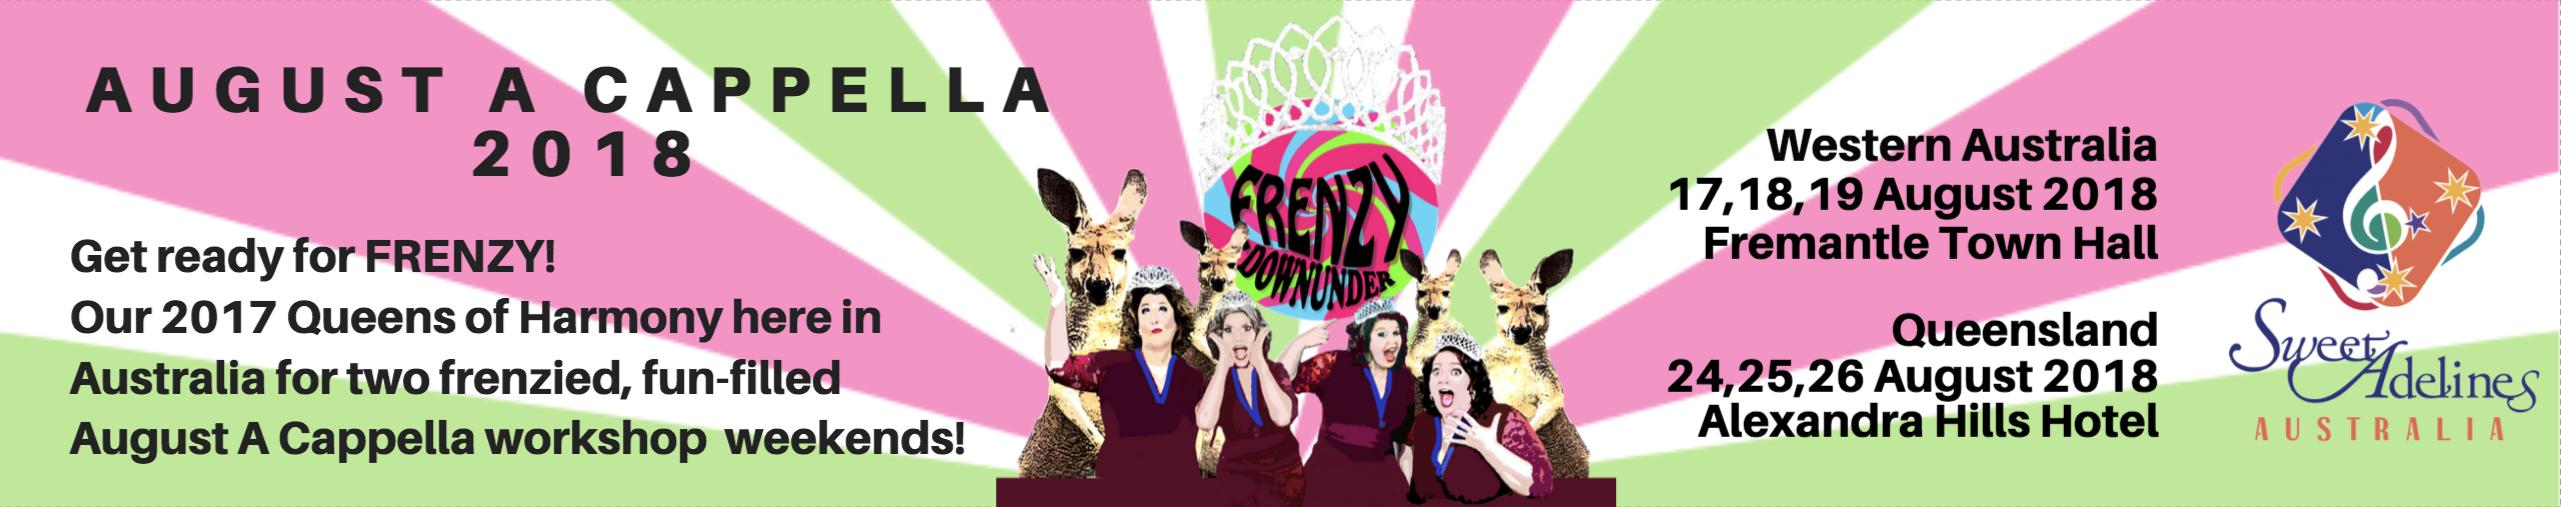 Frenzy DownUnder Tour -